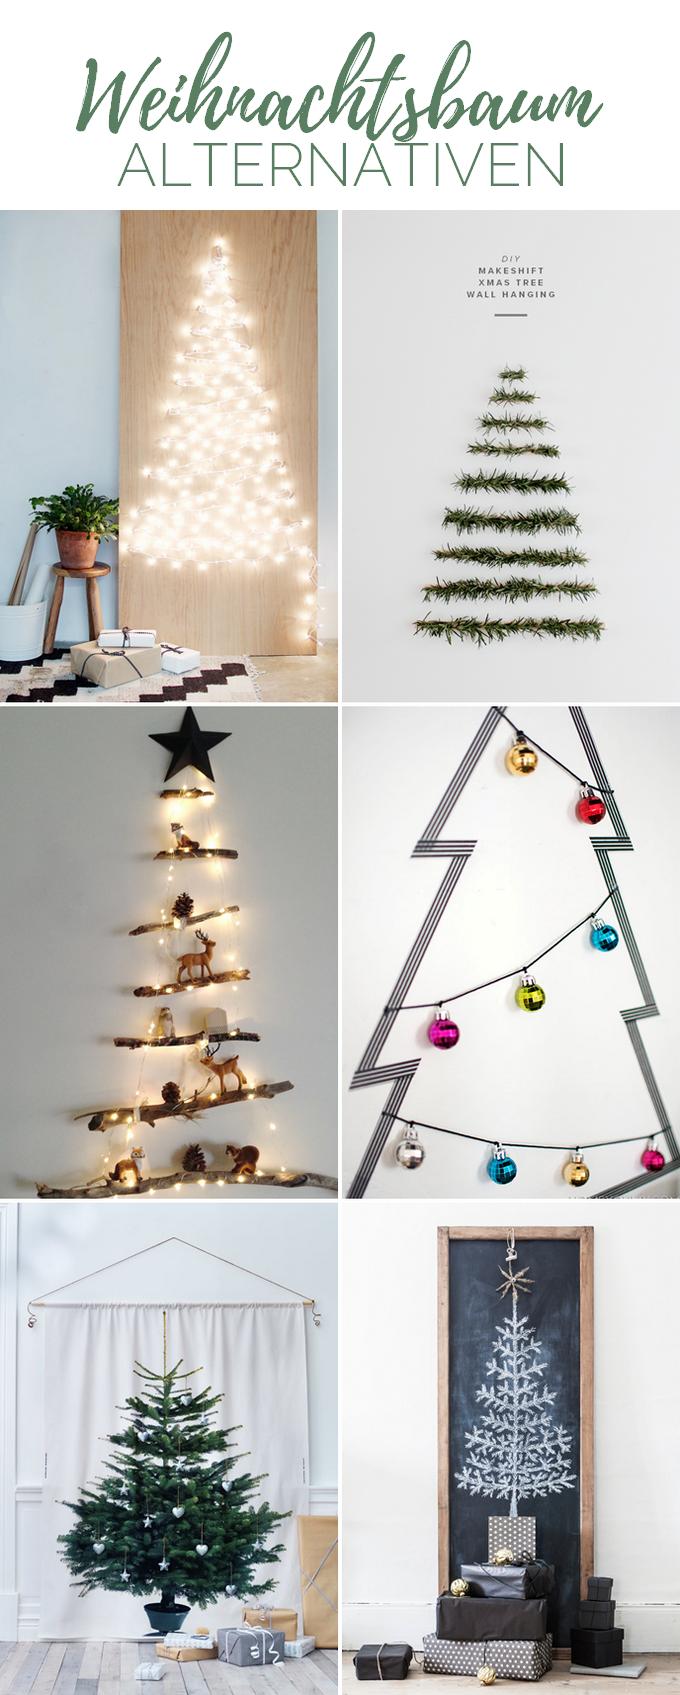 6 Schone Weihnachtsbaum Alternativen Provinzkindchen